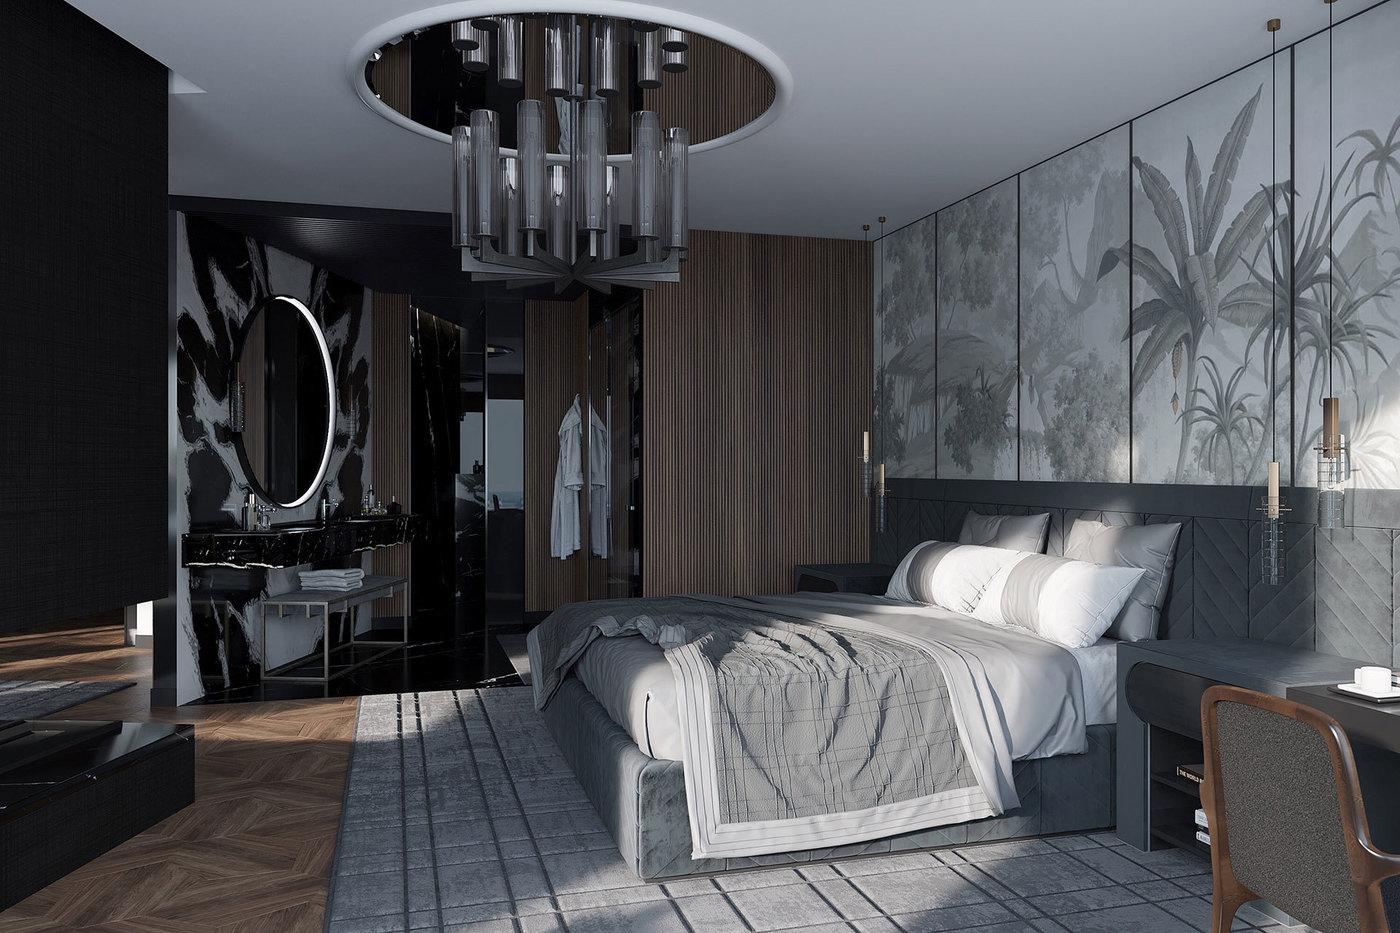 De Gournay Chinoiserie Wallpaper in Bedroom - Elizarova Design Studio